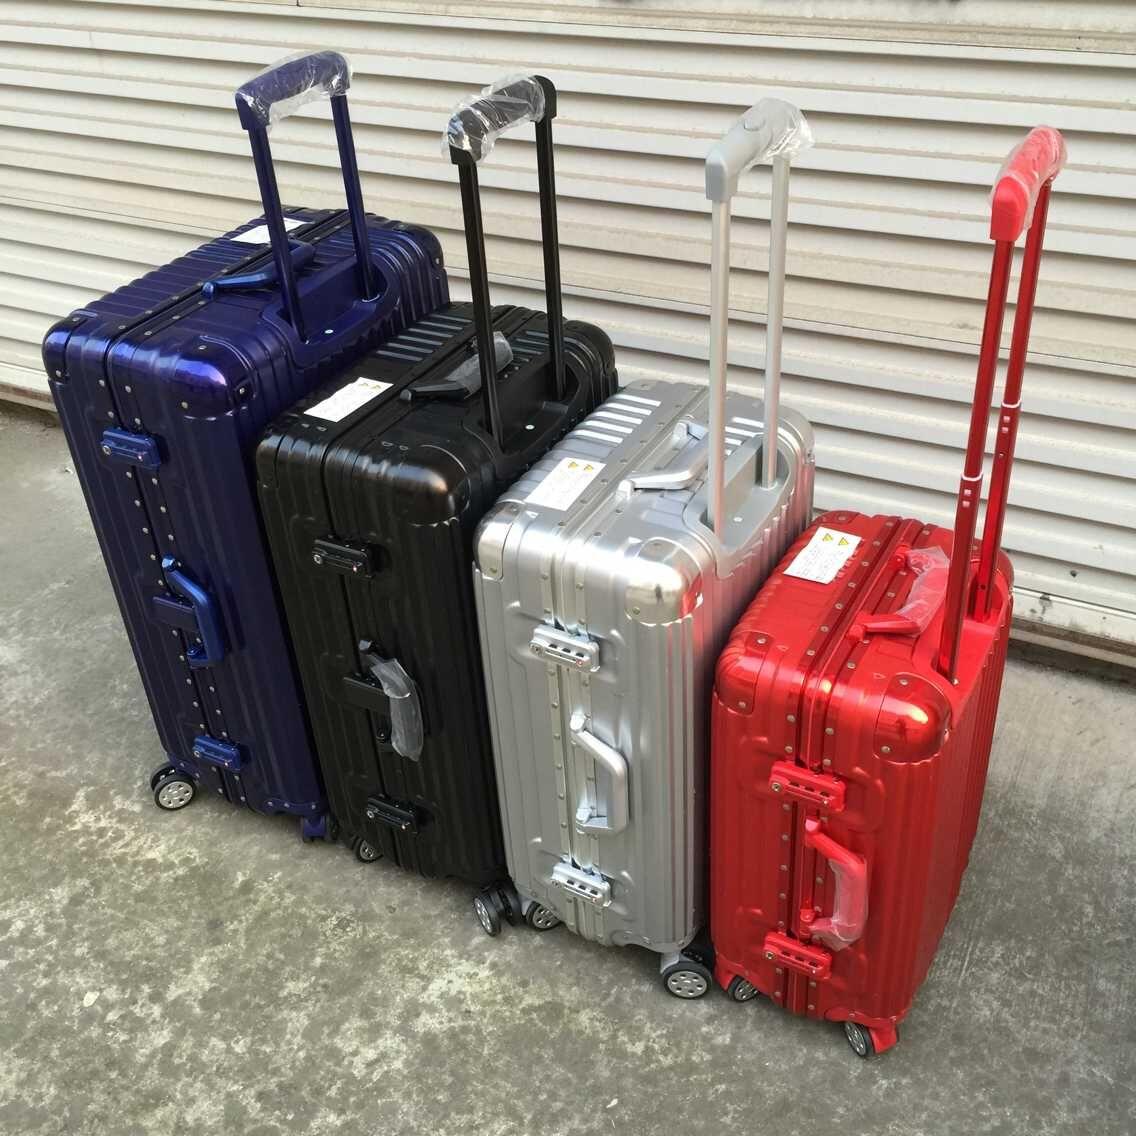 寸登机箱女粉 20 旅行箱万向轮学生密码箱包复古 24 行李箱铝框拉杆箱